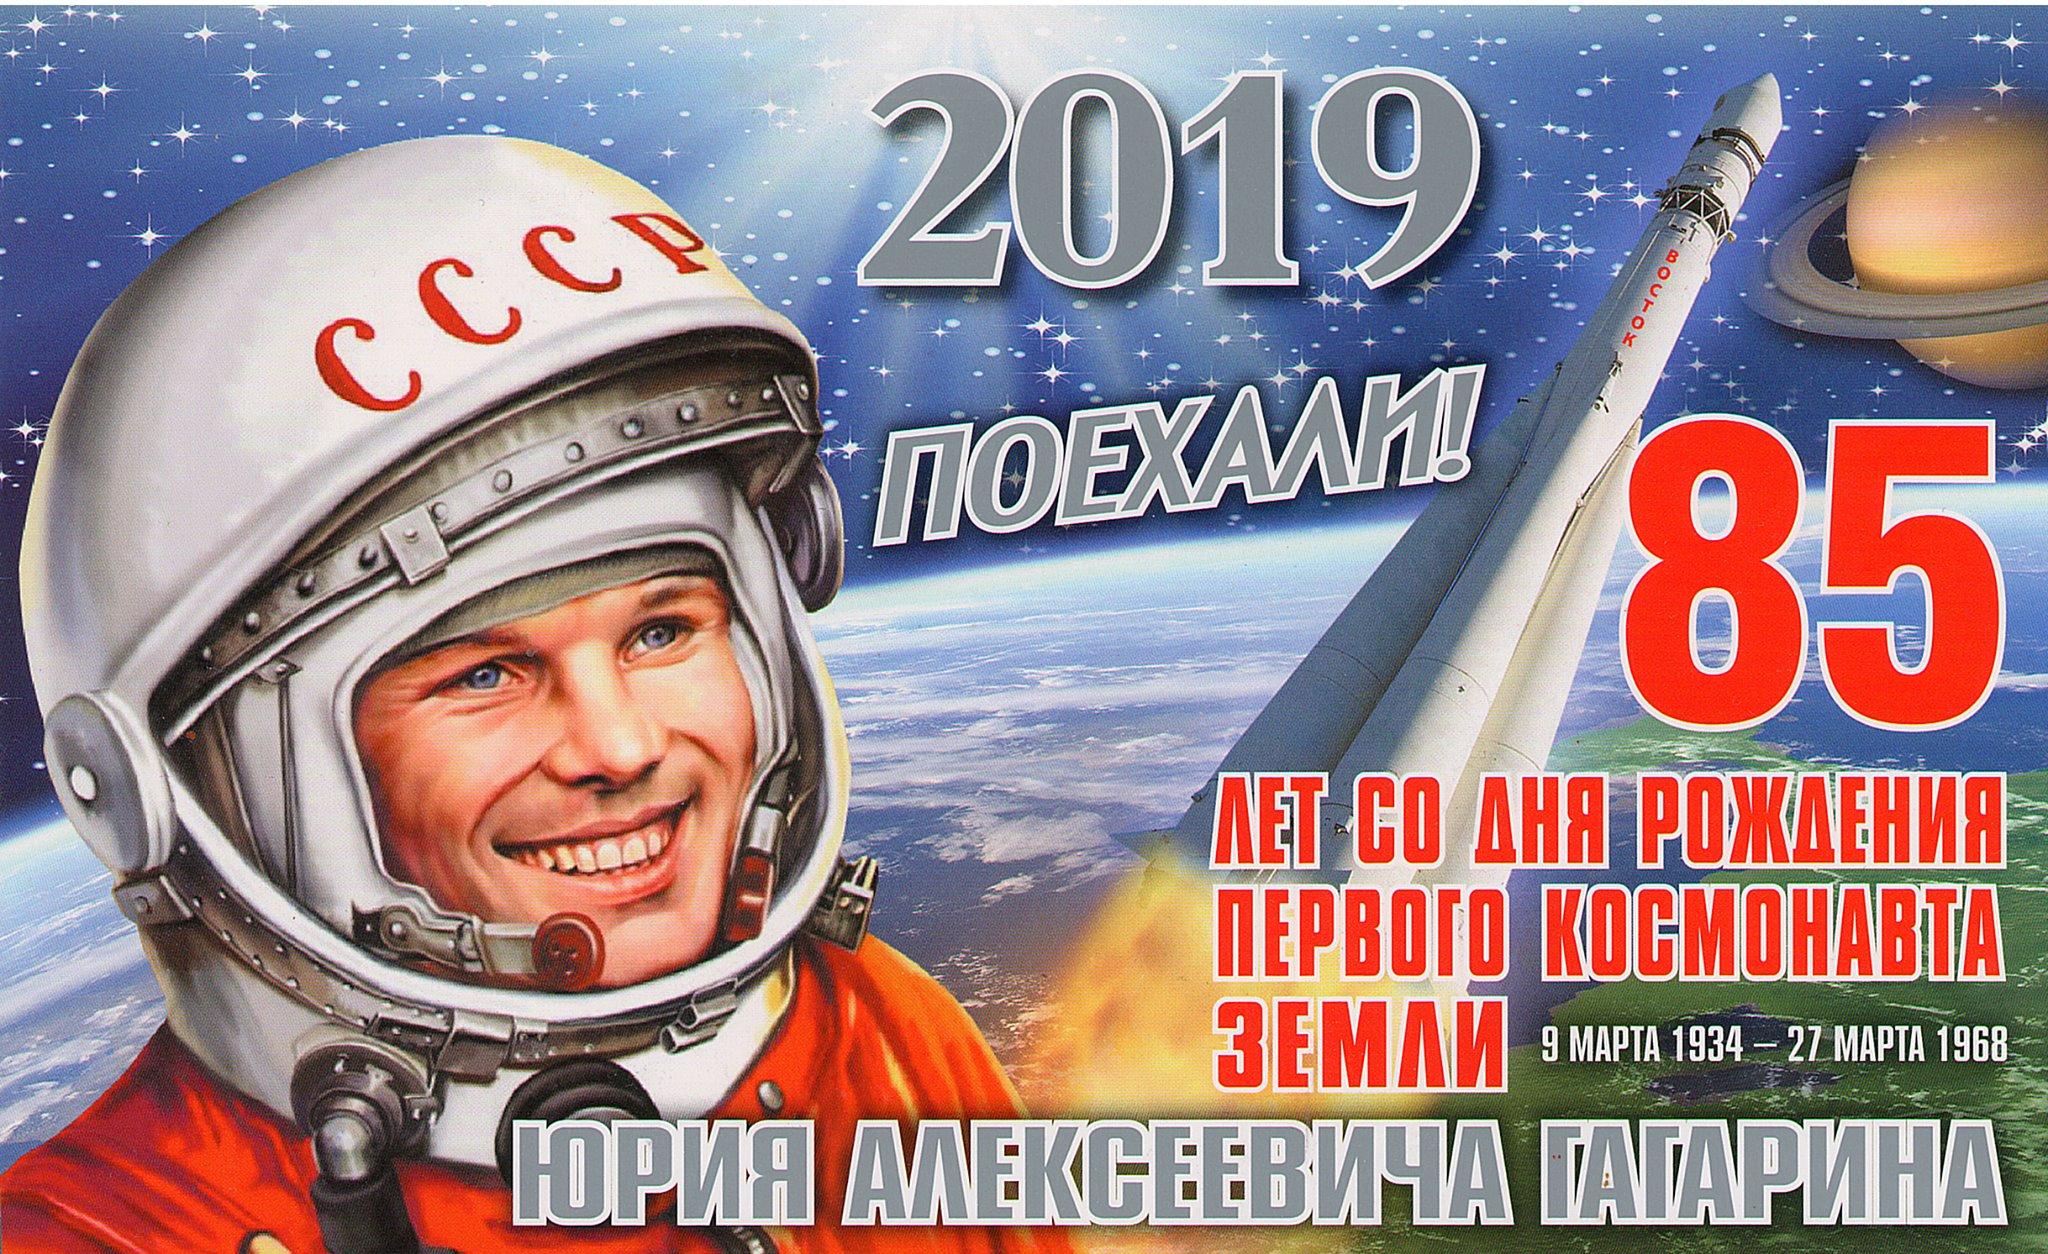 Юрий_Алексеевич_Гагарин